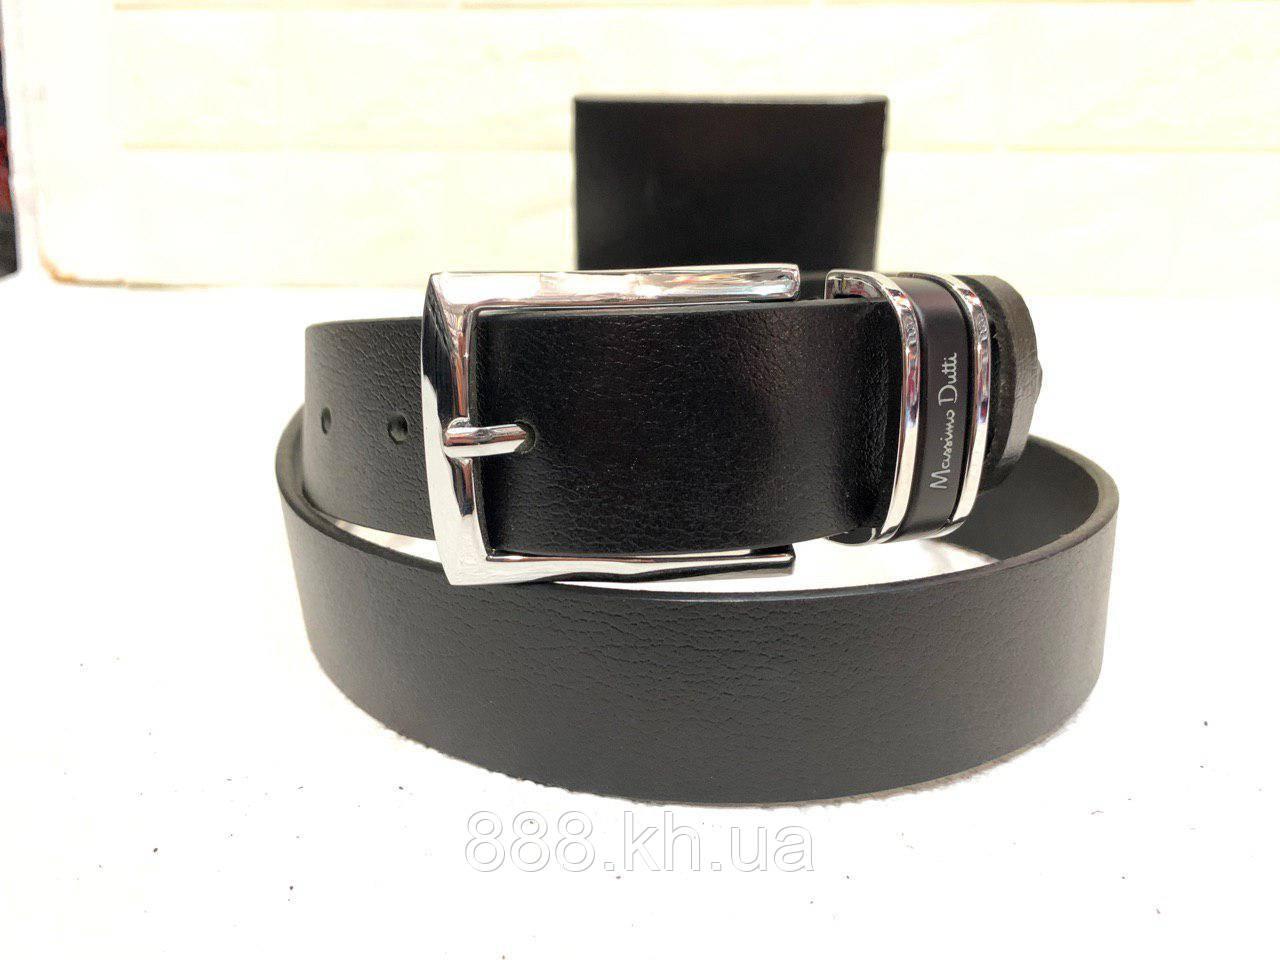 Мужской кожаный ремень Massimo Dutti, черный ремень